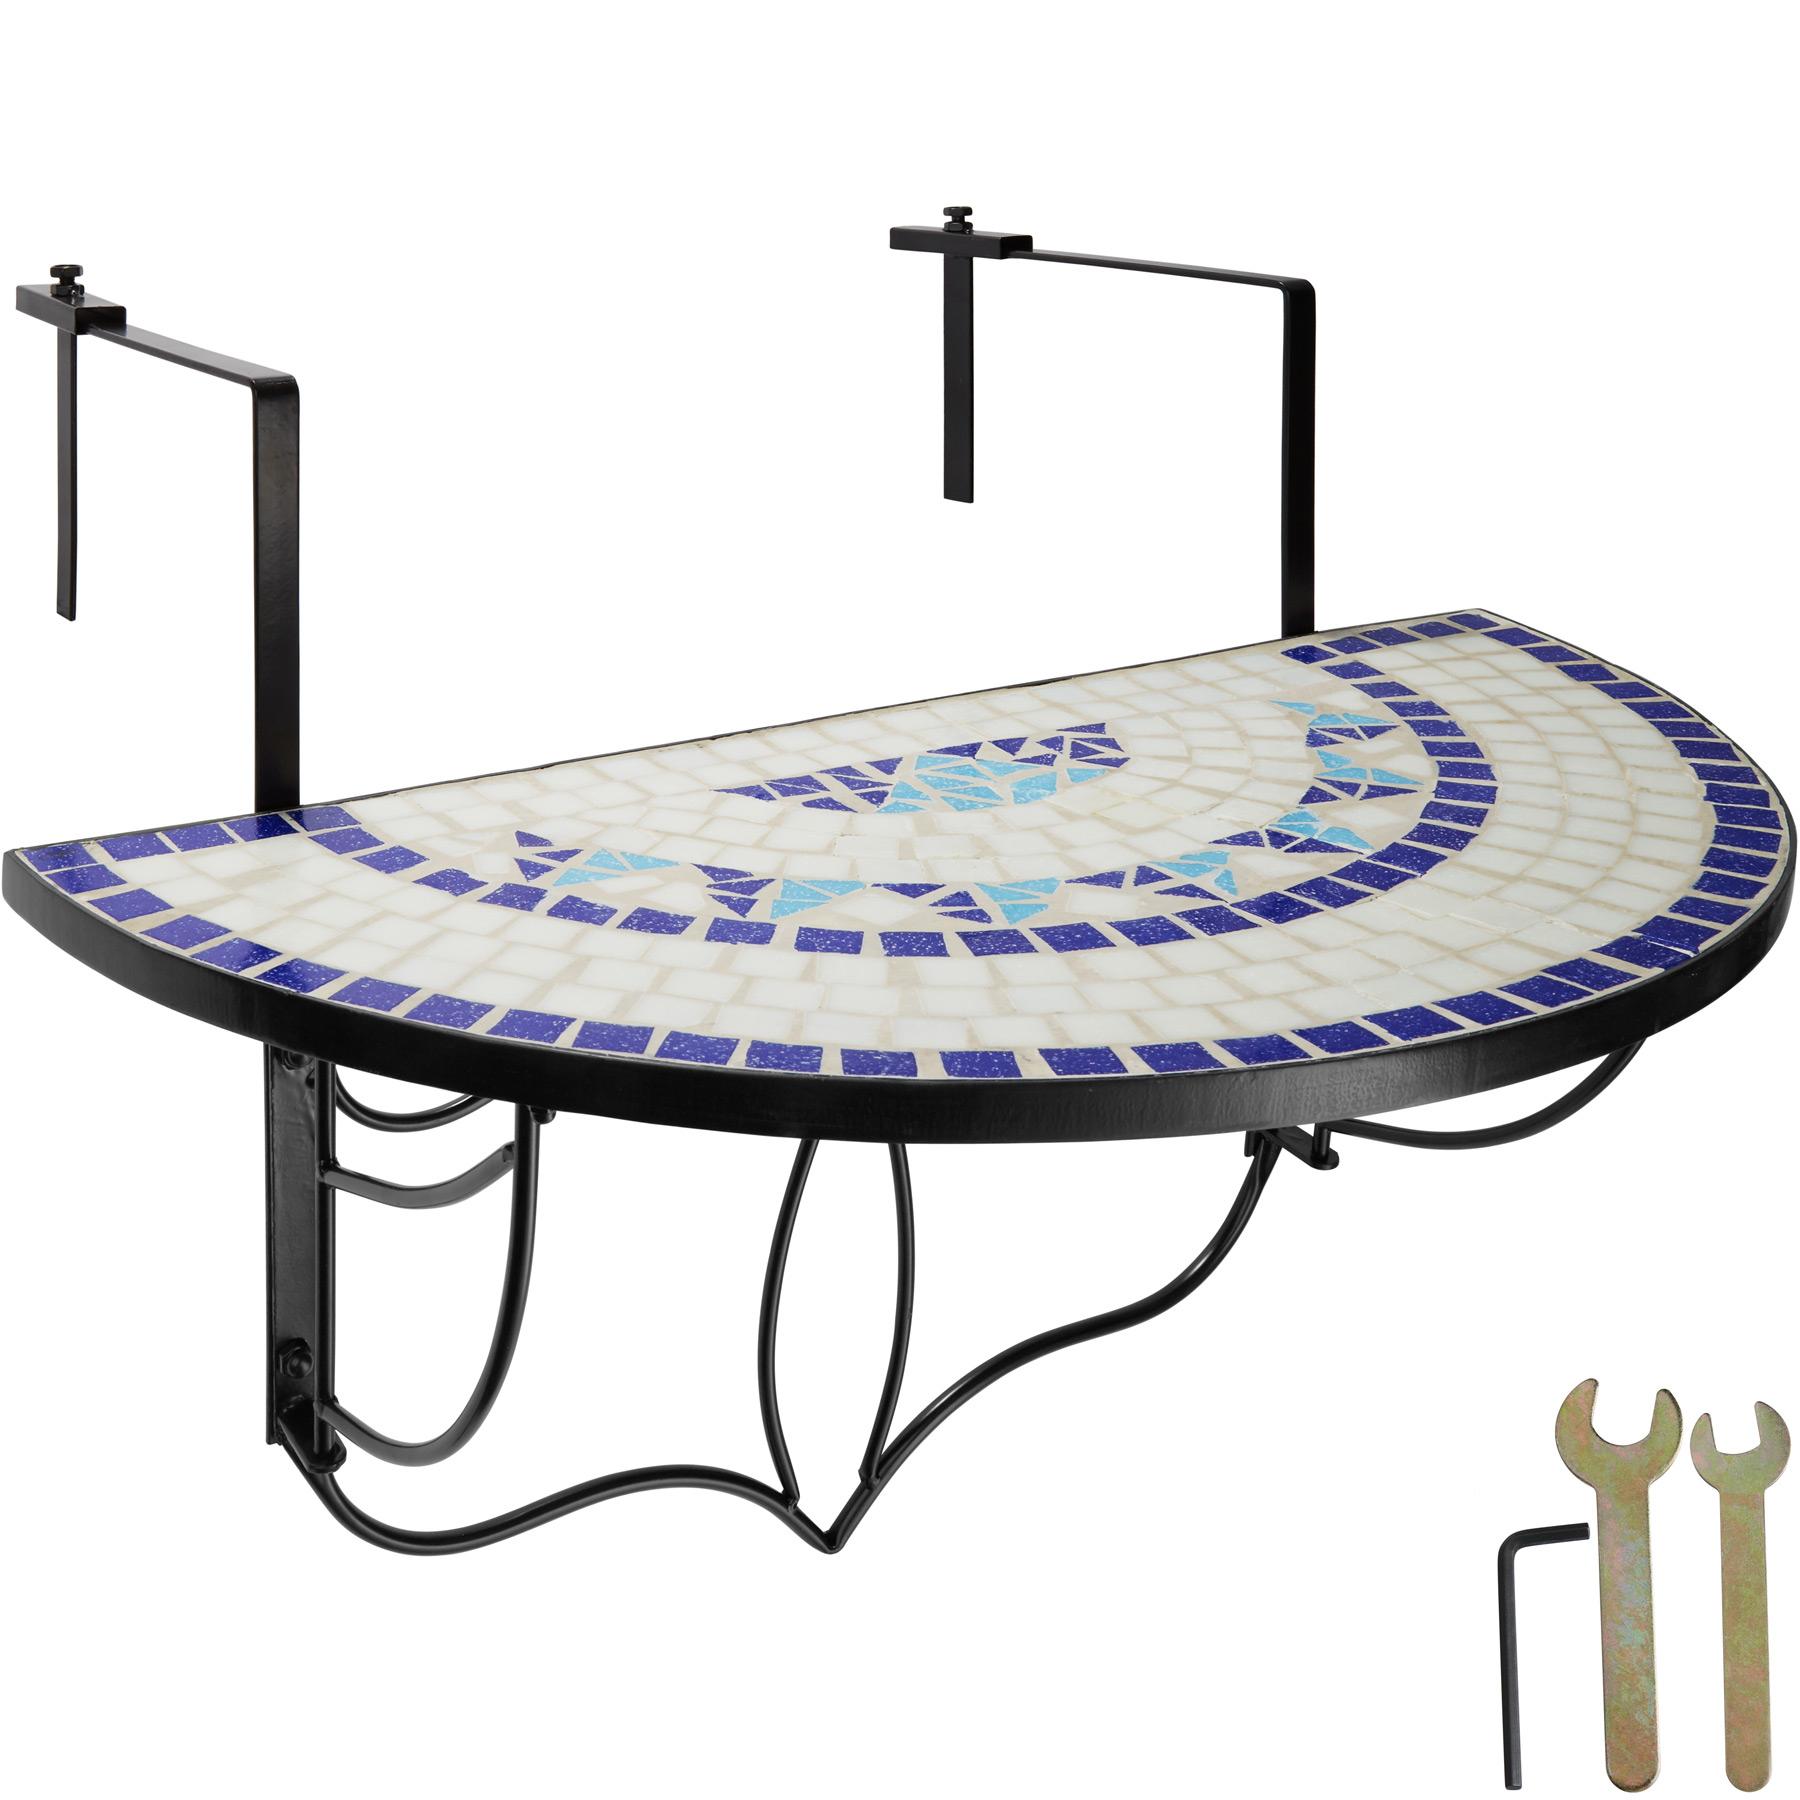 Détails Sur Table De Balcon Mosaïque Pliante Rabattable Table Suspendue  Murale Bleu-Blanc dedans Table Balcon Suspendue